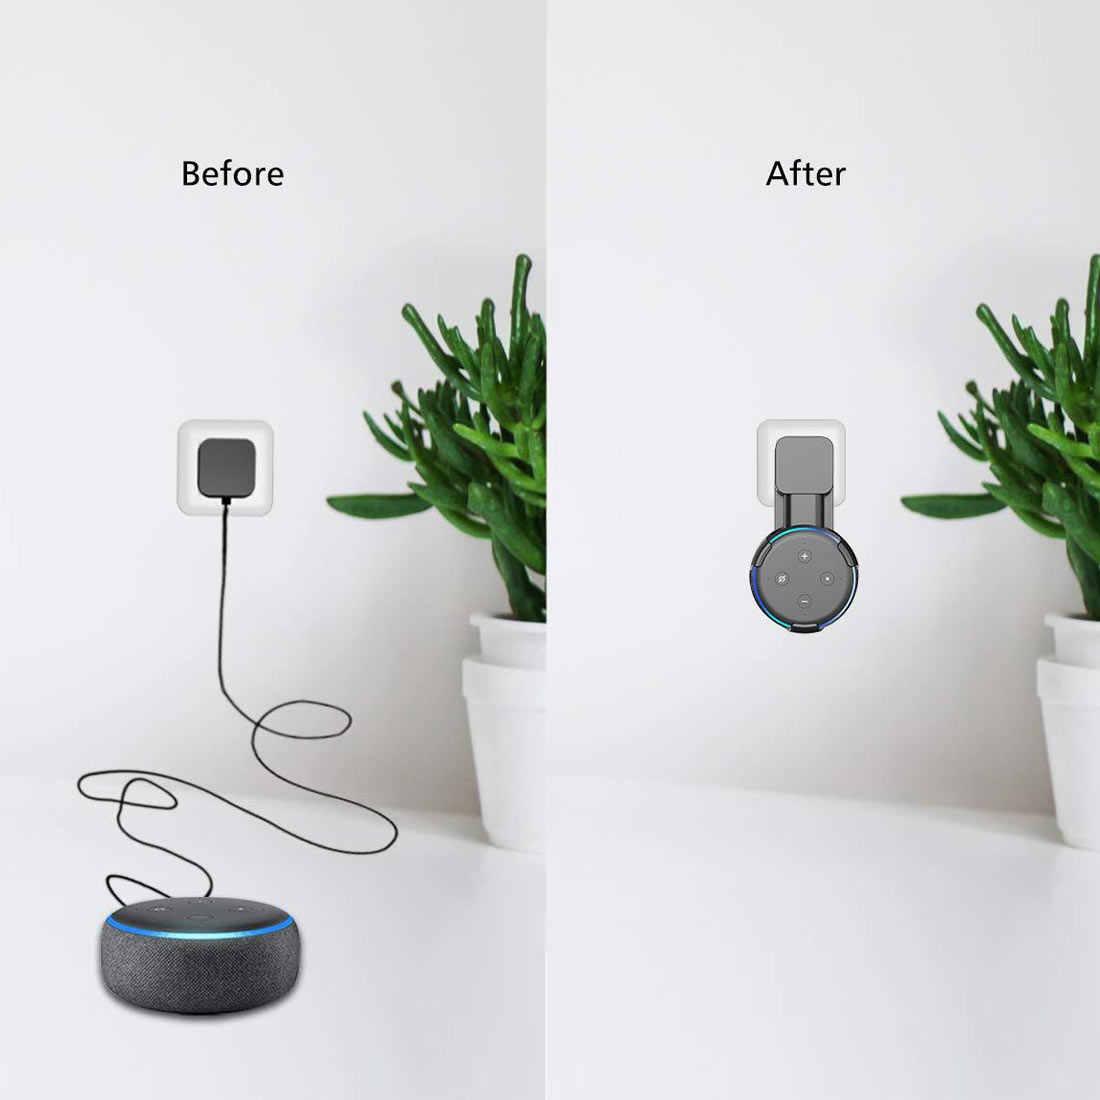 Yeni varış akıllı ev ev otomasyonu Homekit abd Mini Outlet duvar siyah beyaz artMount standı askı tutucu Google ev Mini